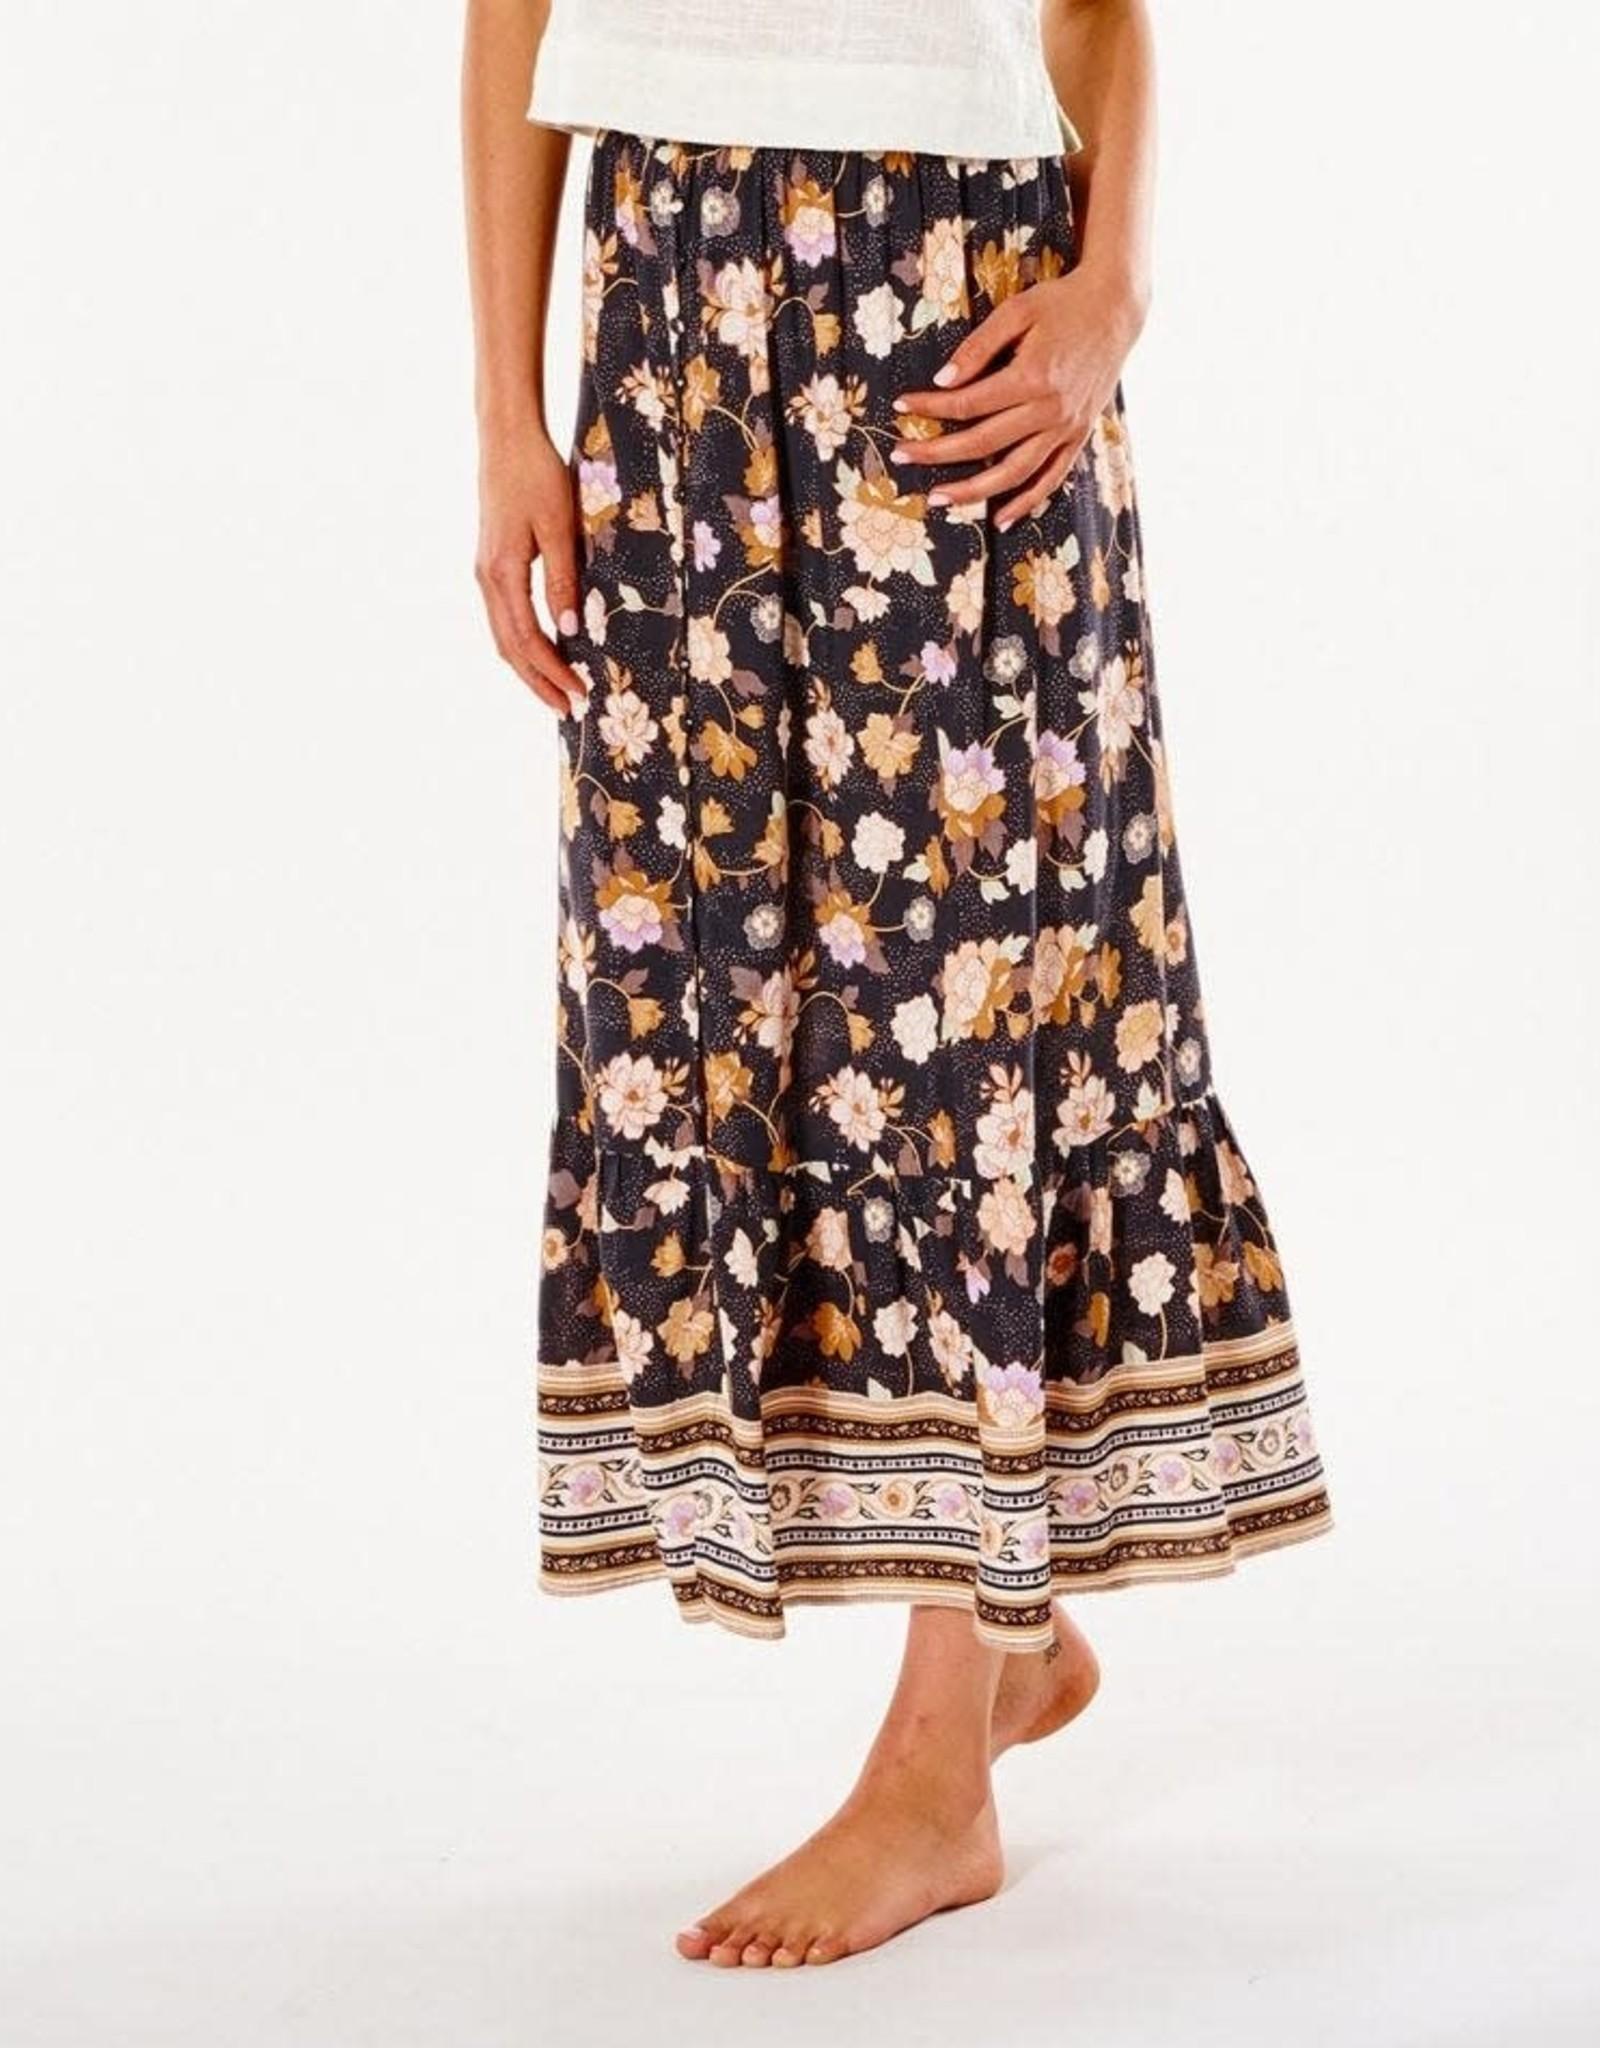 RIP CURL Surf Gypsy Skirt